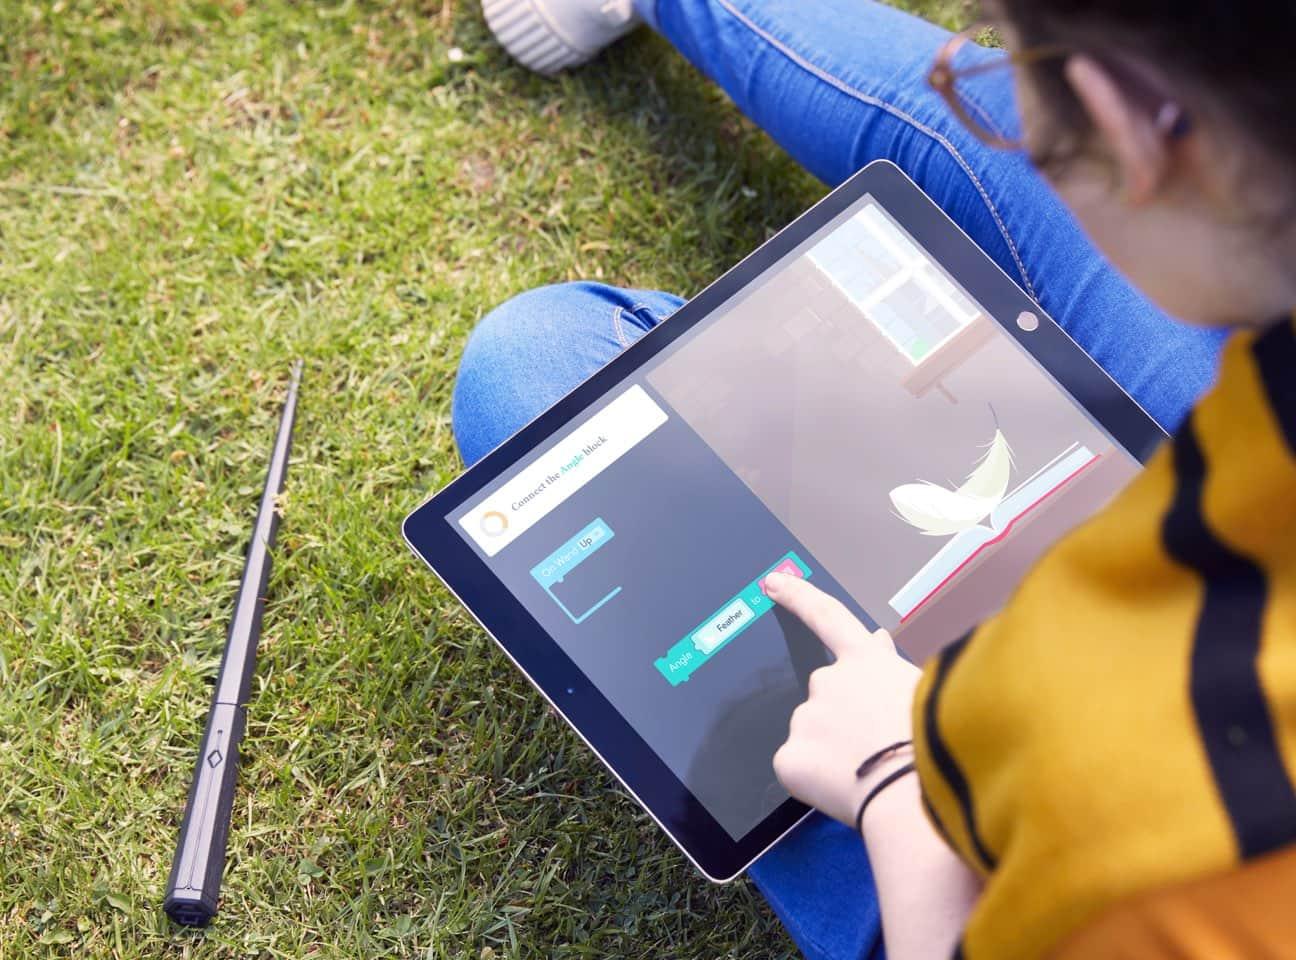 Kano выпустит детский набор для программирования по мотивам Гарри Поттера (волшебная палочка прилагается) - ITC.ua